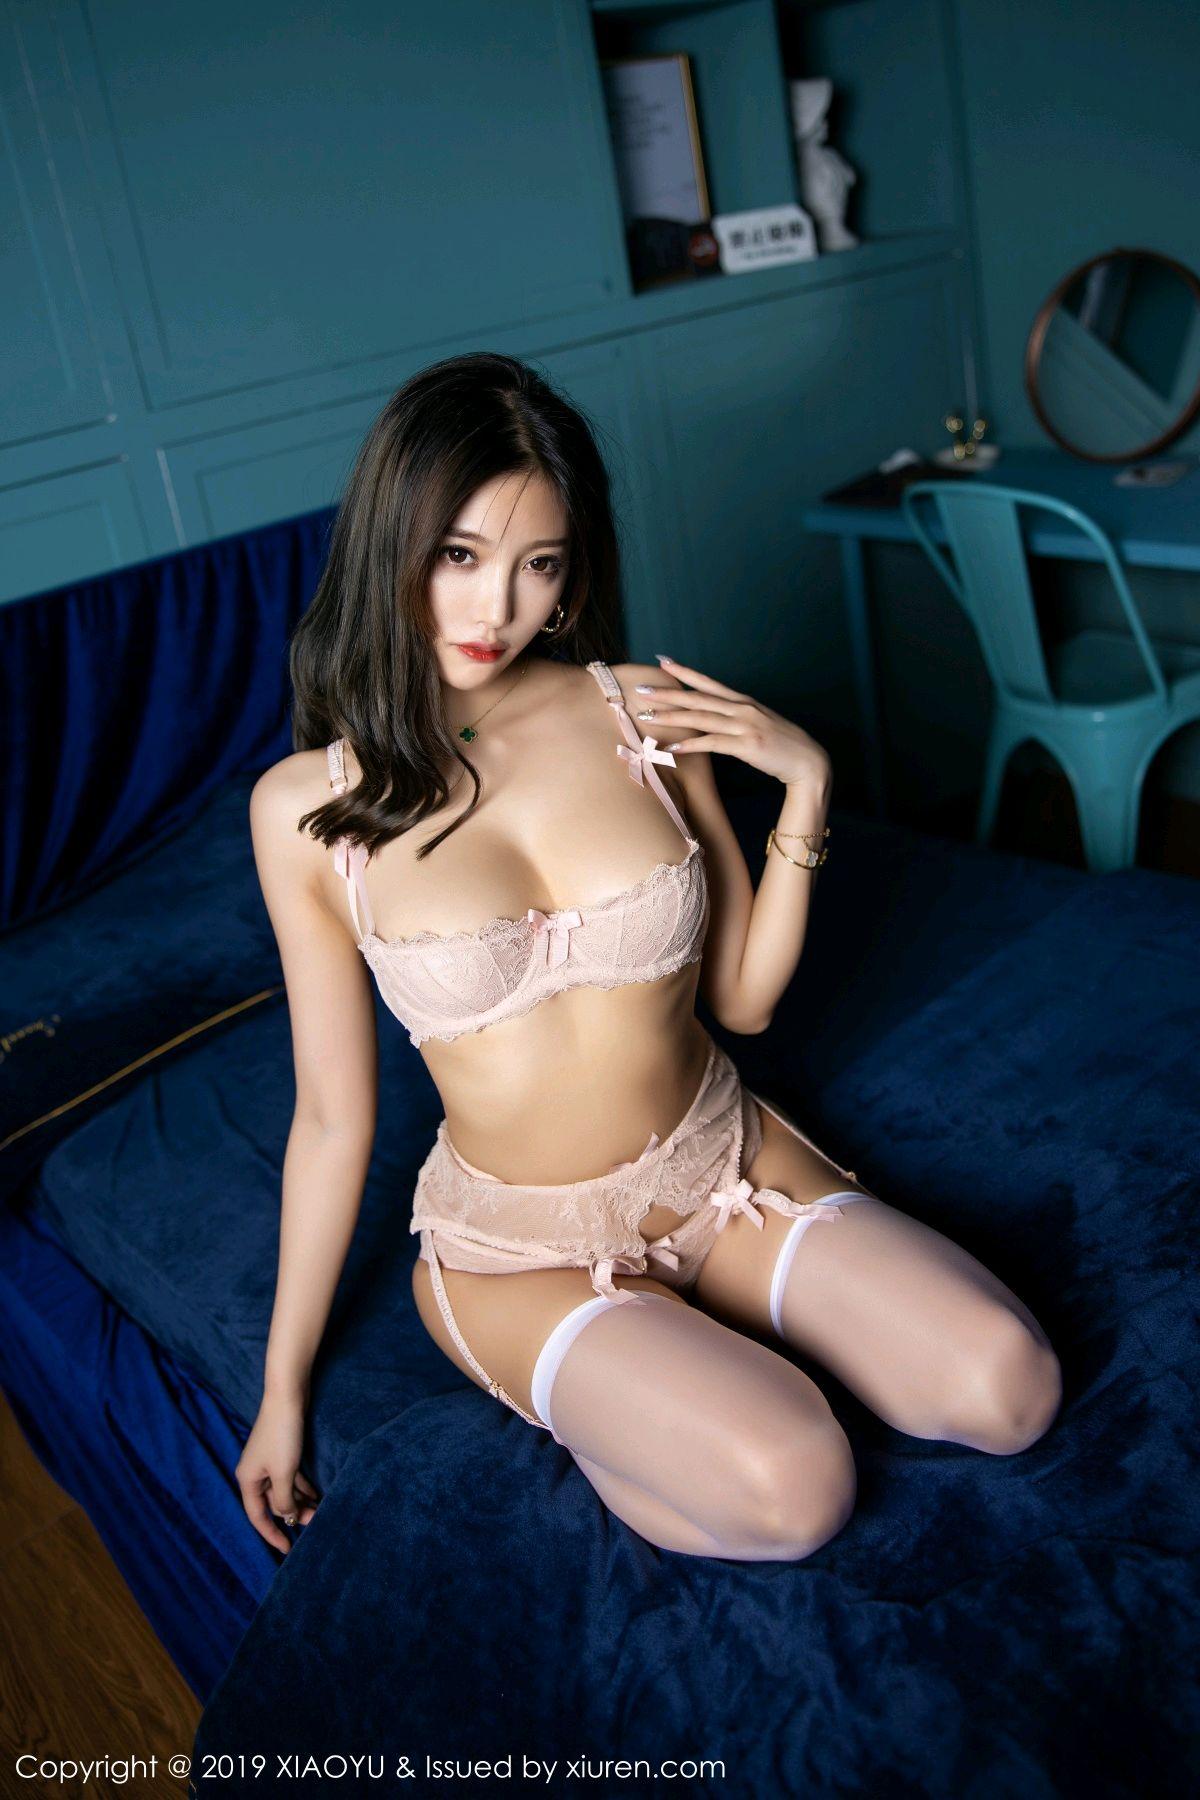 [XiaoYu] Vol.129 Yang Chen Chen 35P, Cheongsam, Tall, XiaoYu, Yang Chen Chen